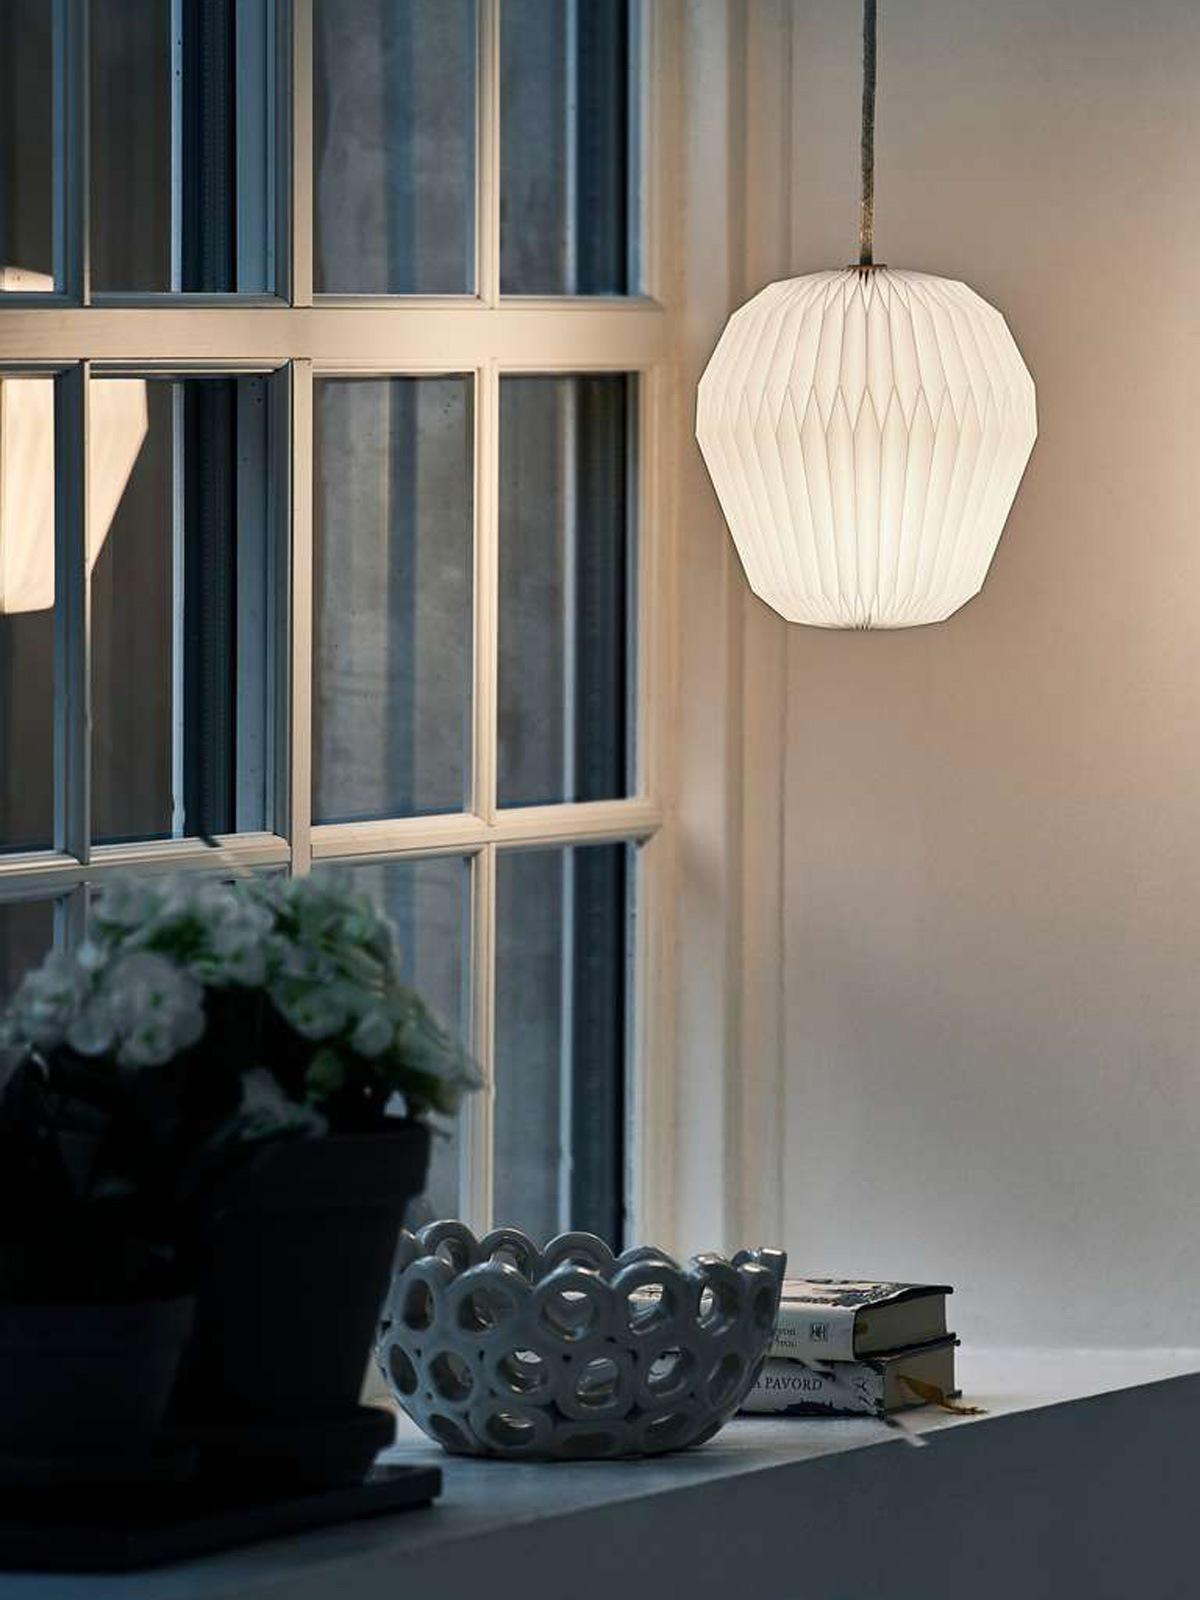 The Bouquet 130 Le Klint Pendelleuchte DesignOrt Onlineshop Lampen